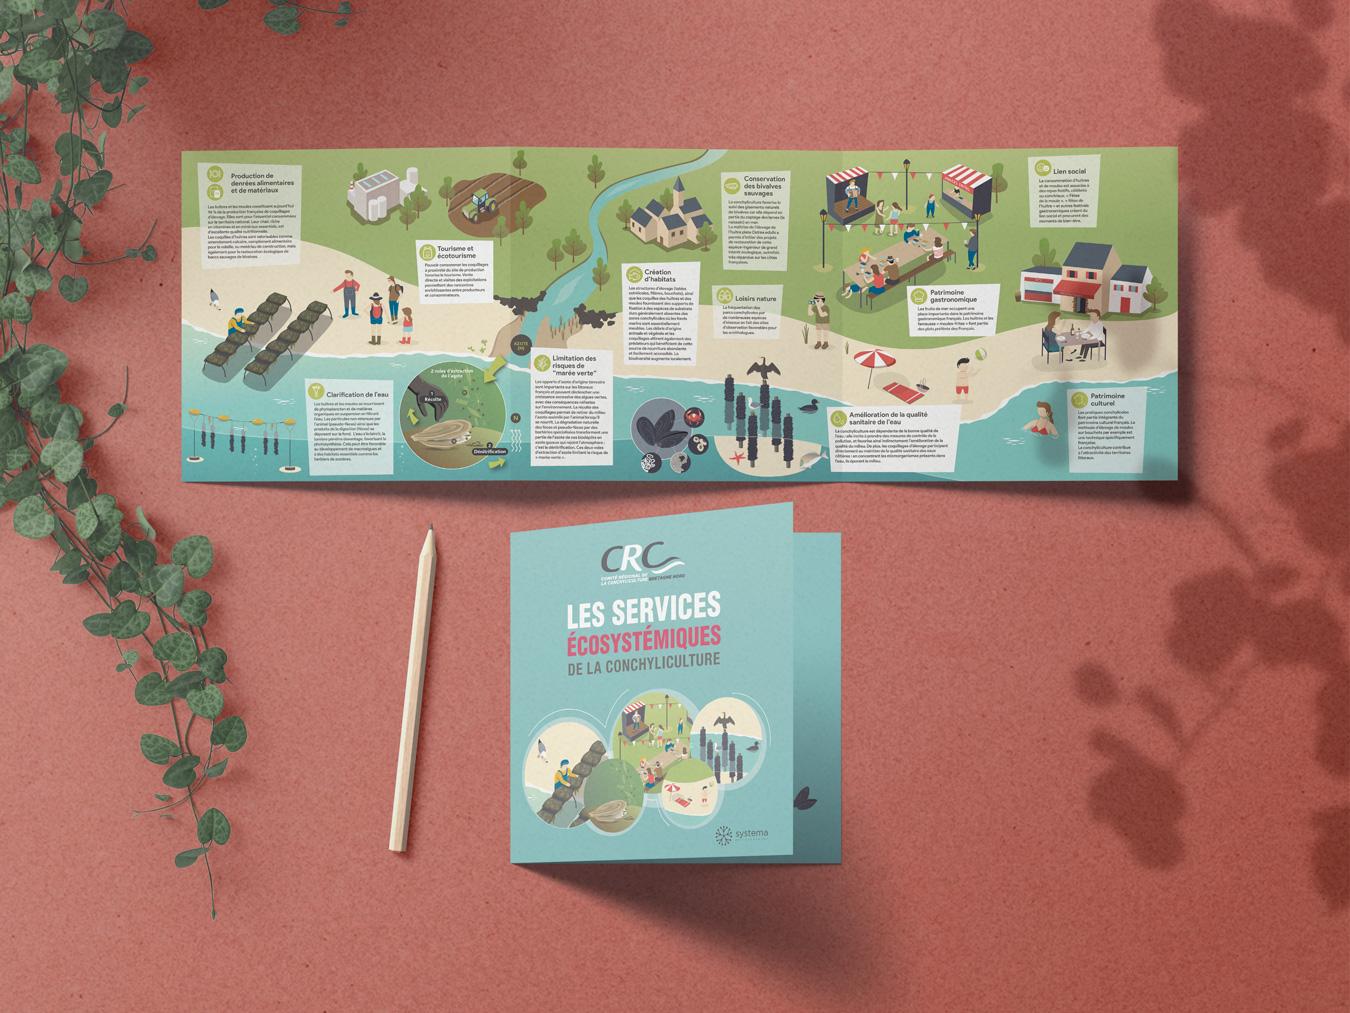 illustration technique et graphique de thèmes scientifique, nature, économique, géographique, régional. Vulgarisation. Impression plaquette, animation, motion design. Coqueliko Roudenn Graphic Lannion.